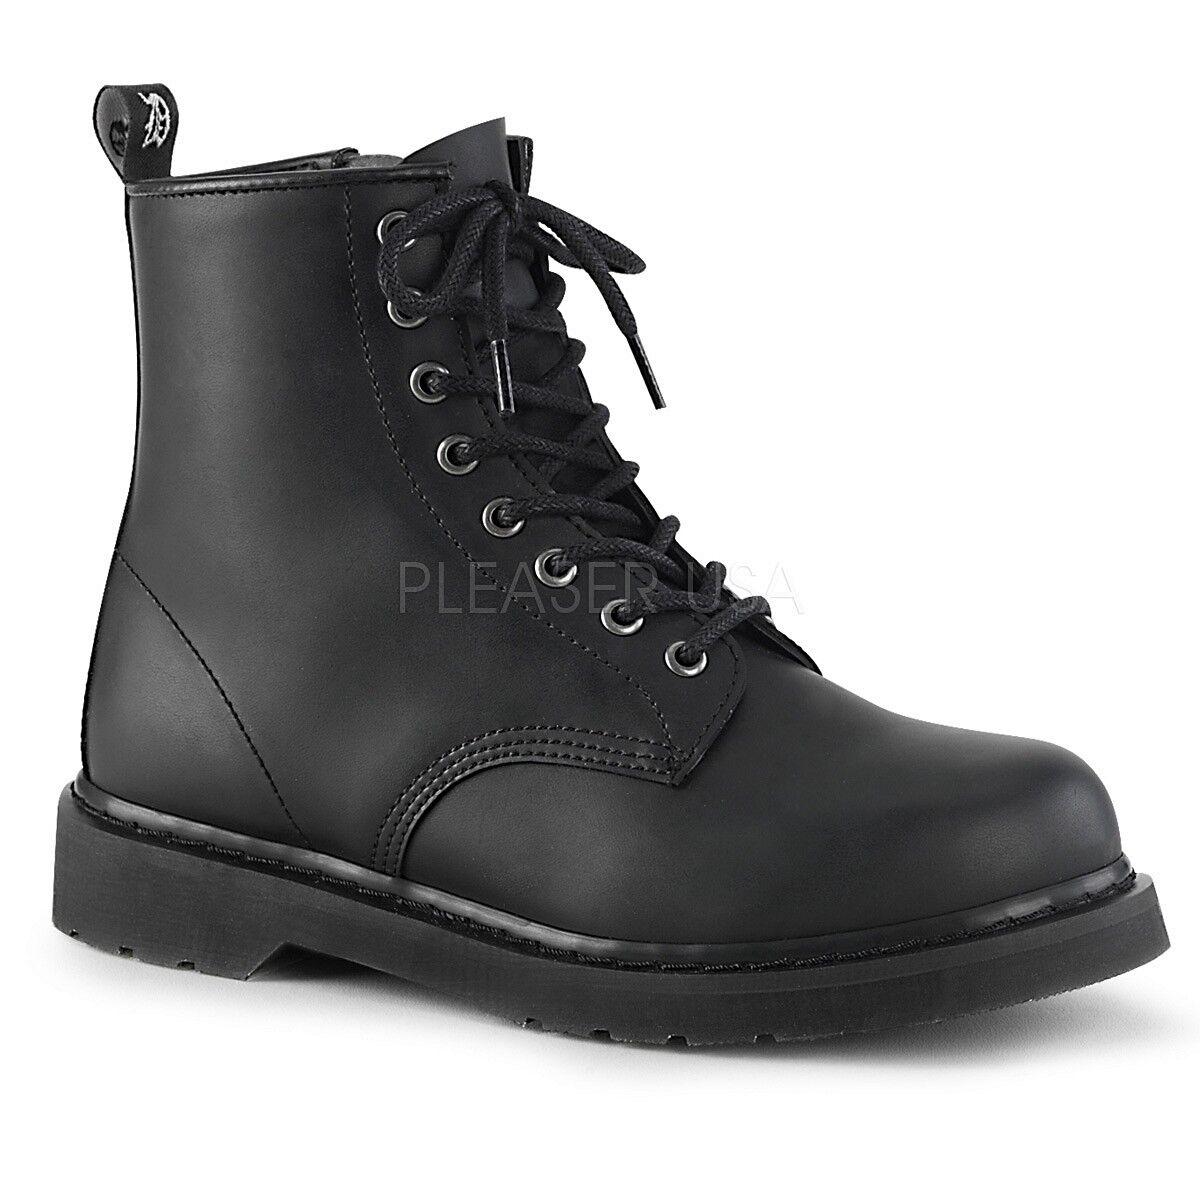 Demonia 8-eye Vegano Negro botas De Roquero Punk gótico concierto de perno de 10 11 12 13 14